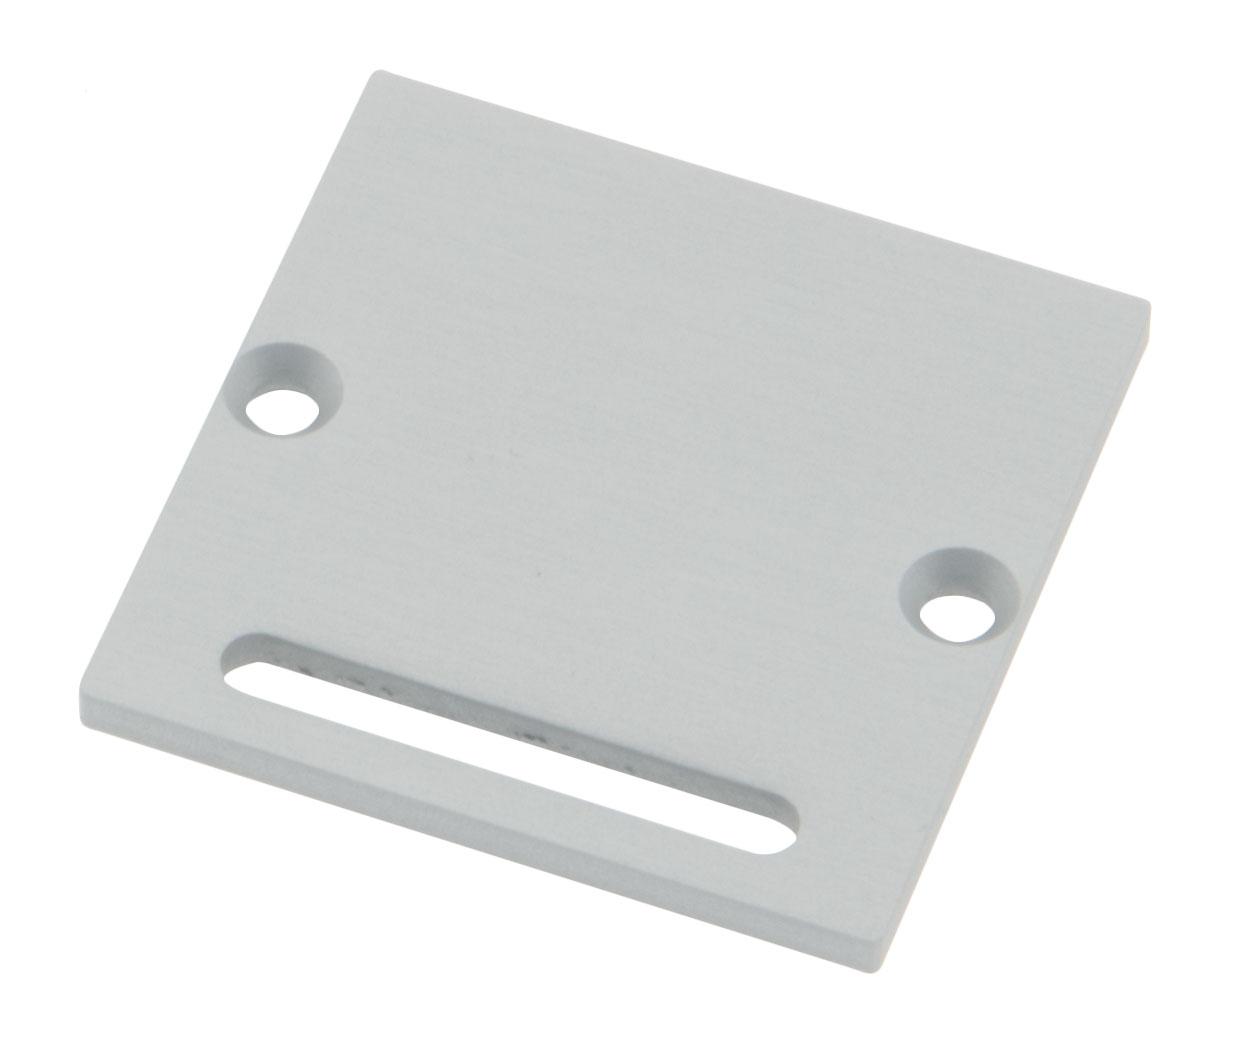 Profil Endkappe CLR Flach mit Langloch inkl. Schrauben